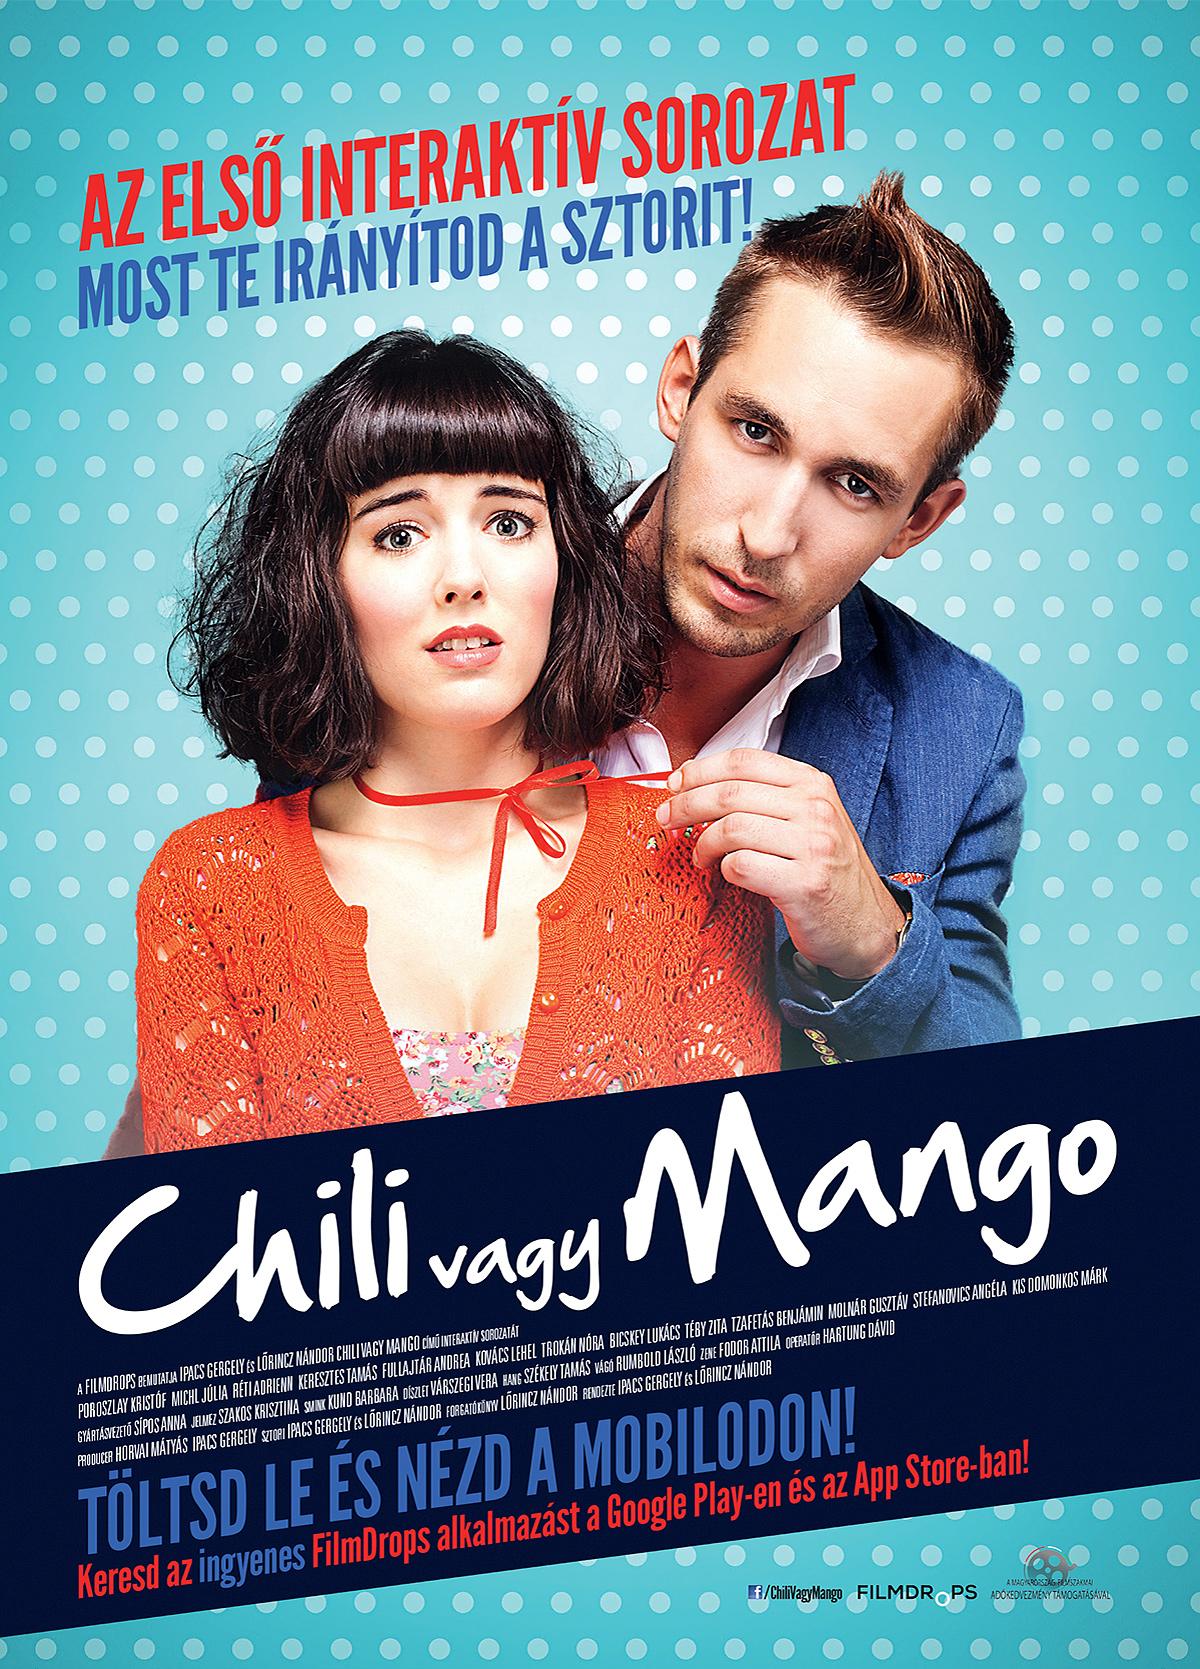 chili_vagy_mango_flyer-1